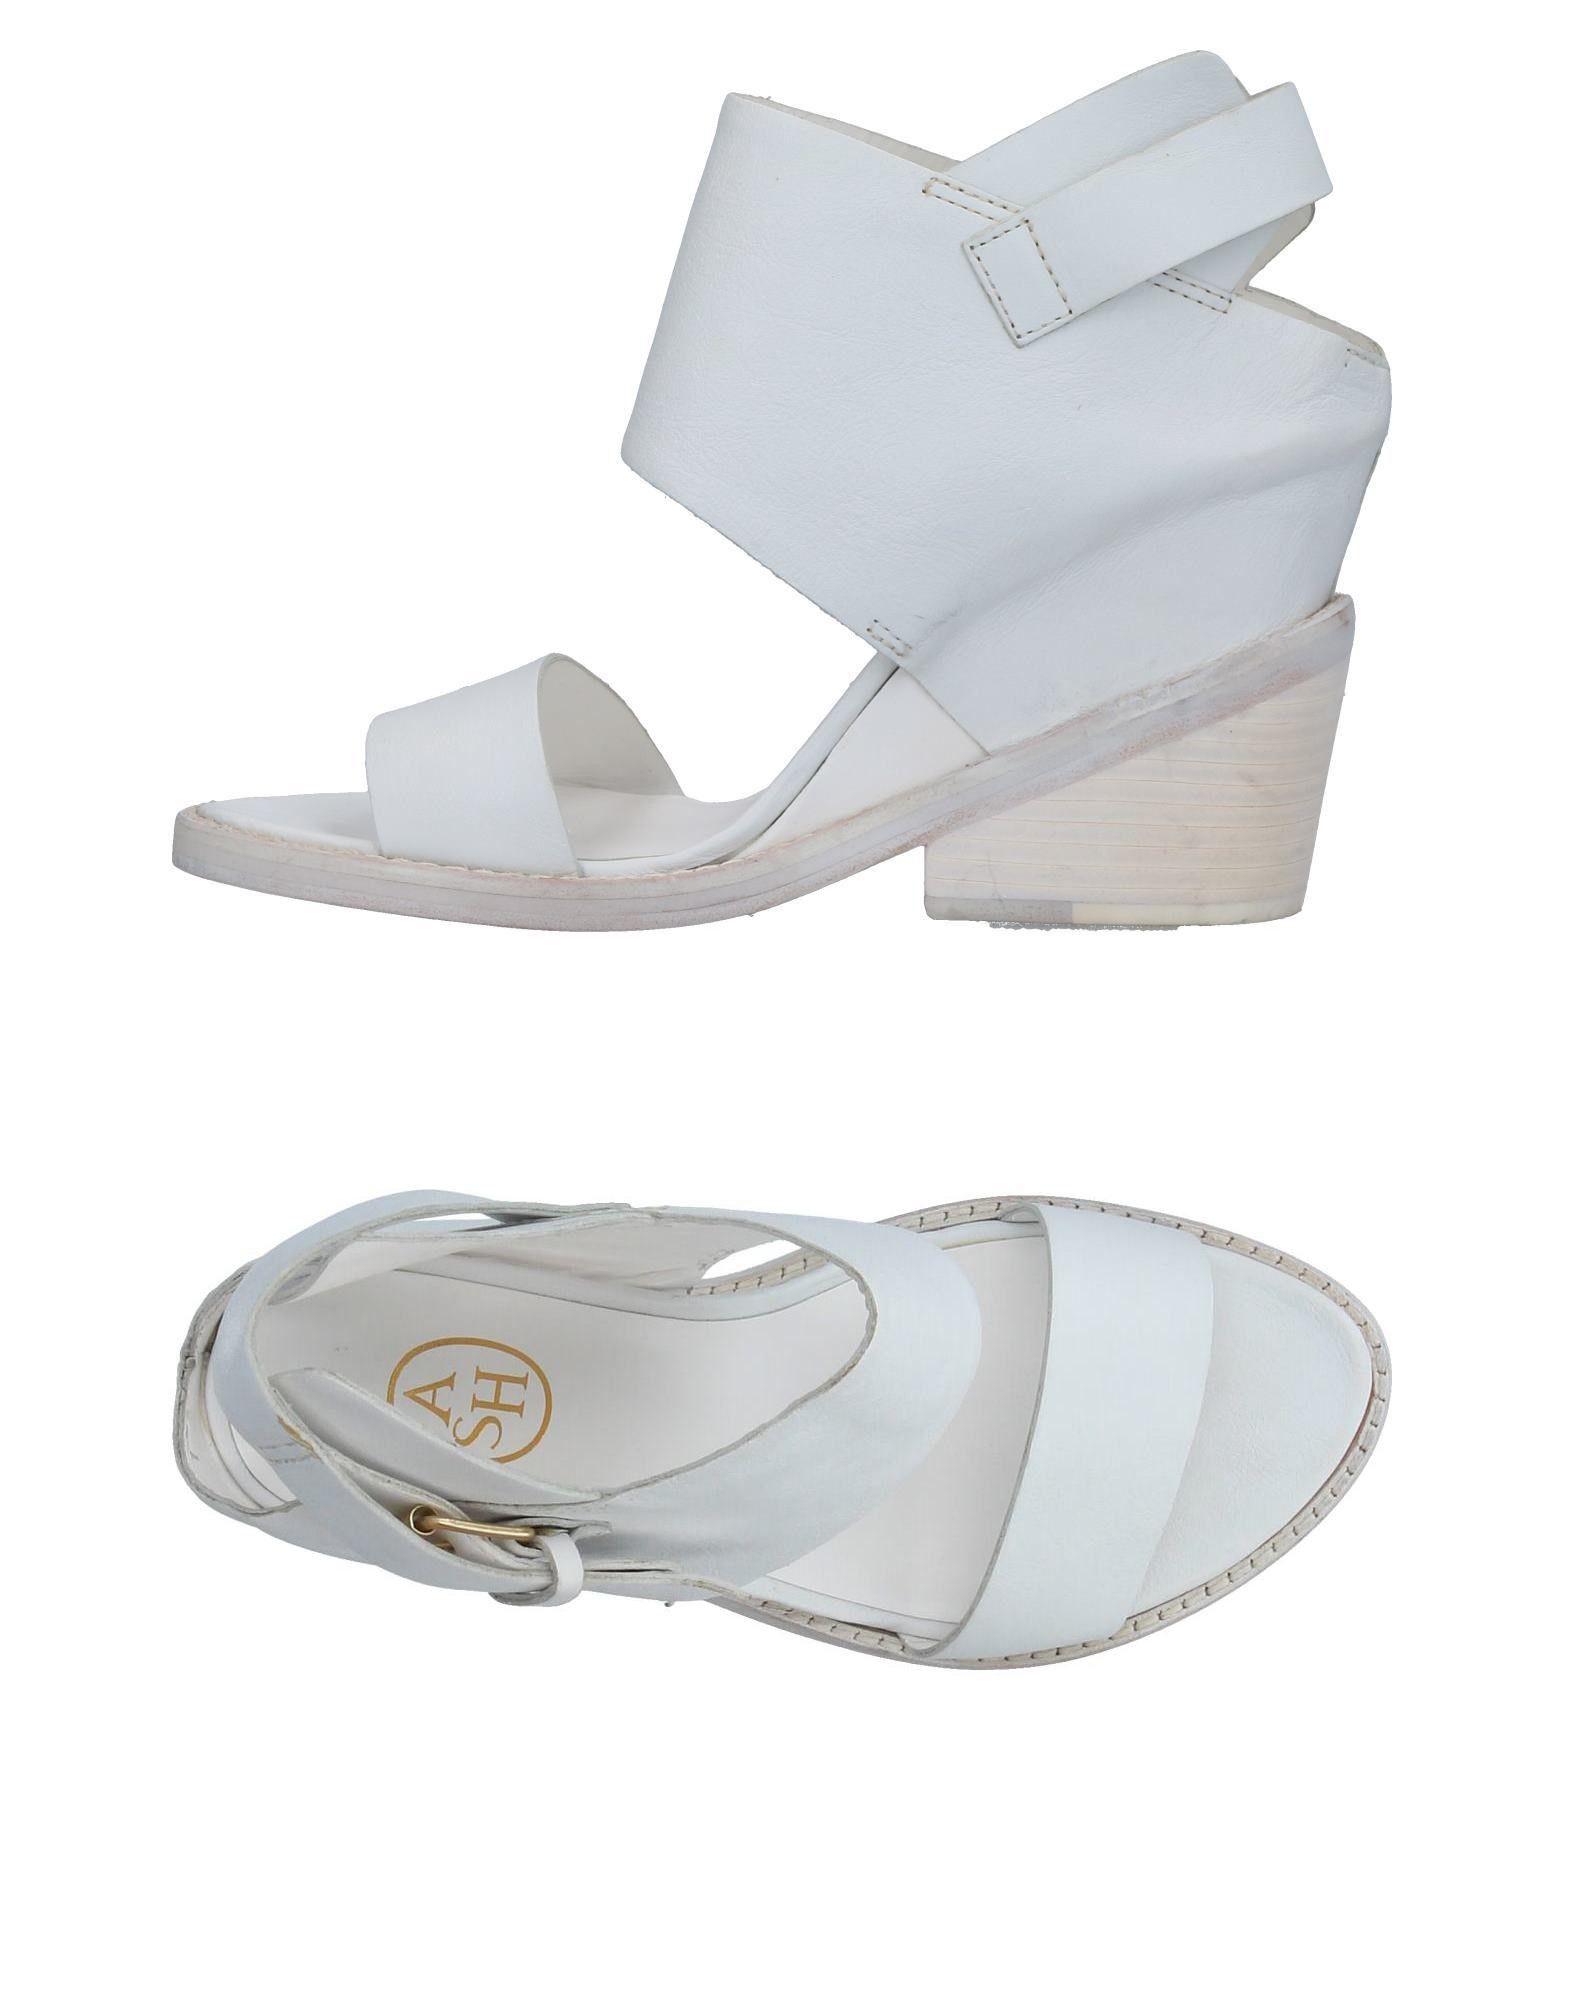 ASH Damen Sandale Farbe Weiß Größe 7 jetztbilligerkaufen